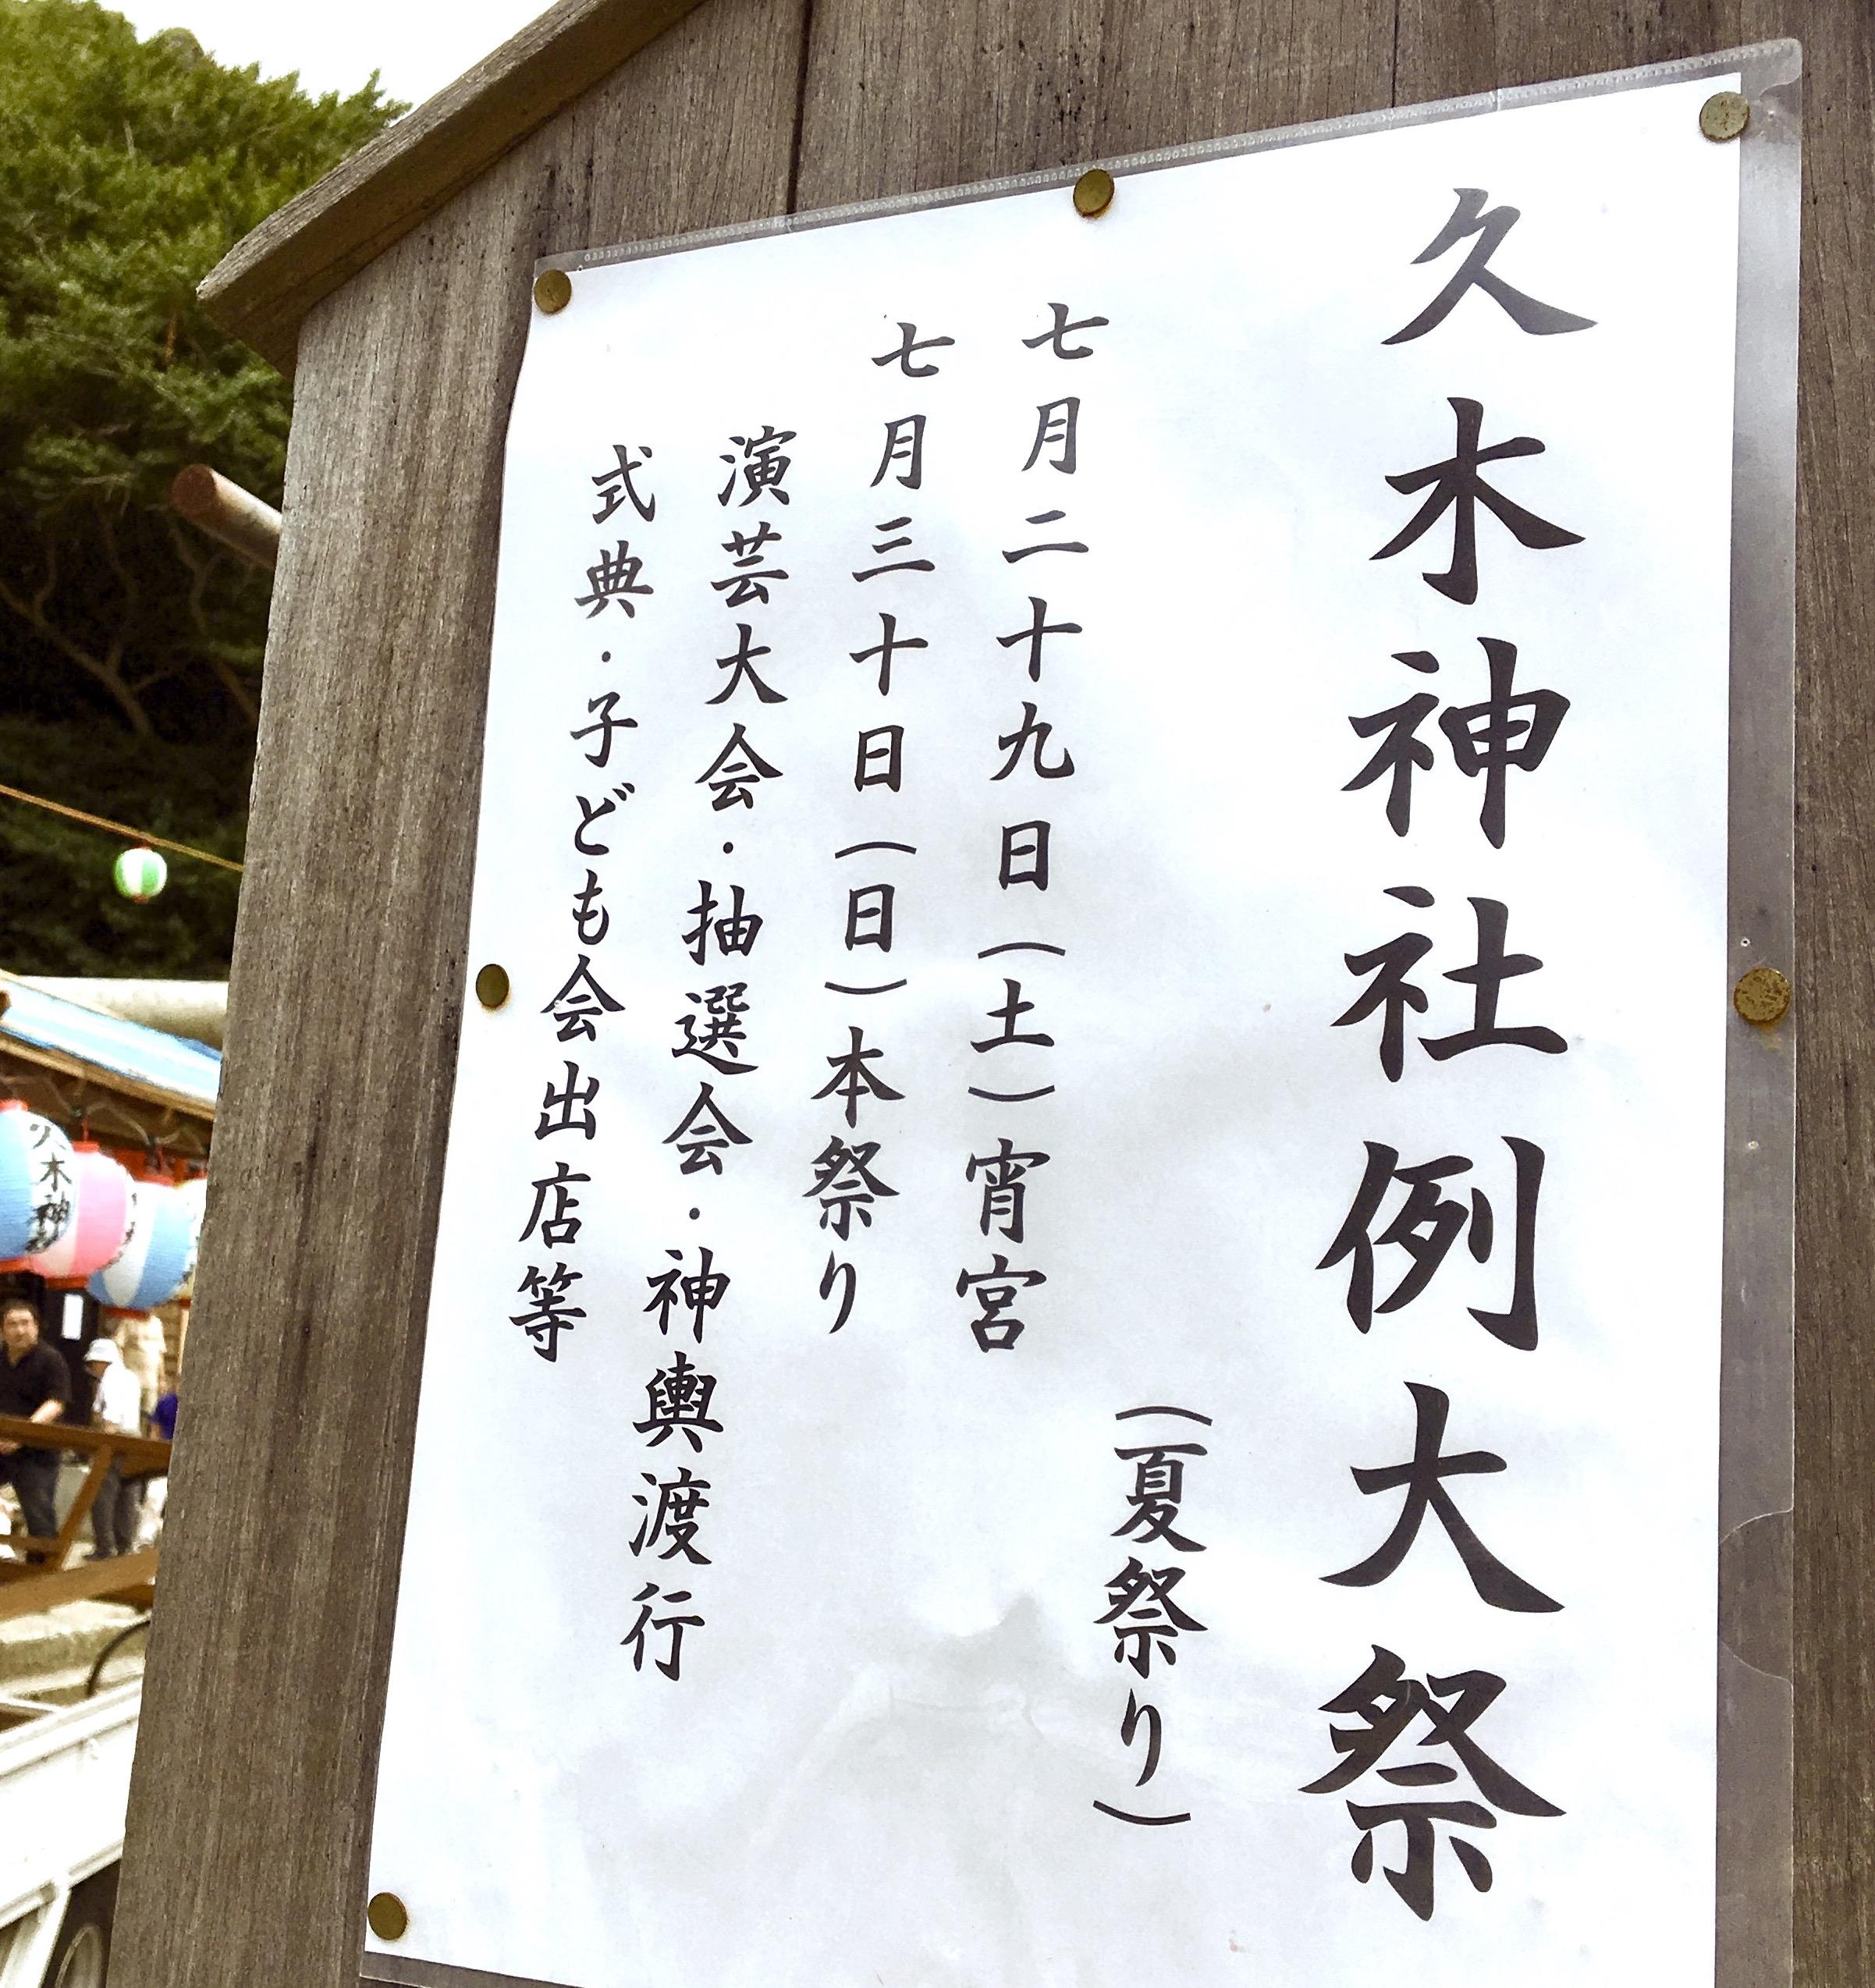 久木神社のお祭りで裏方仕事です